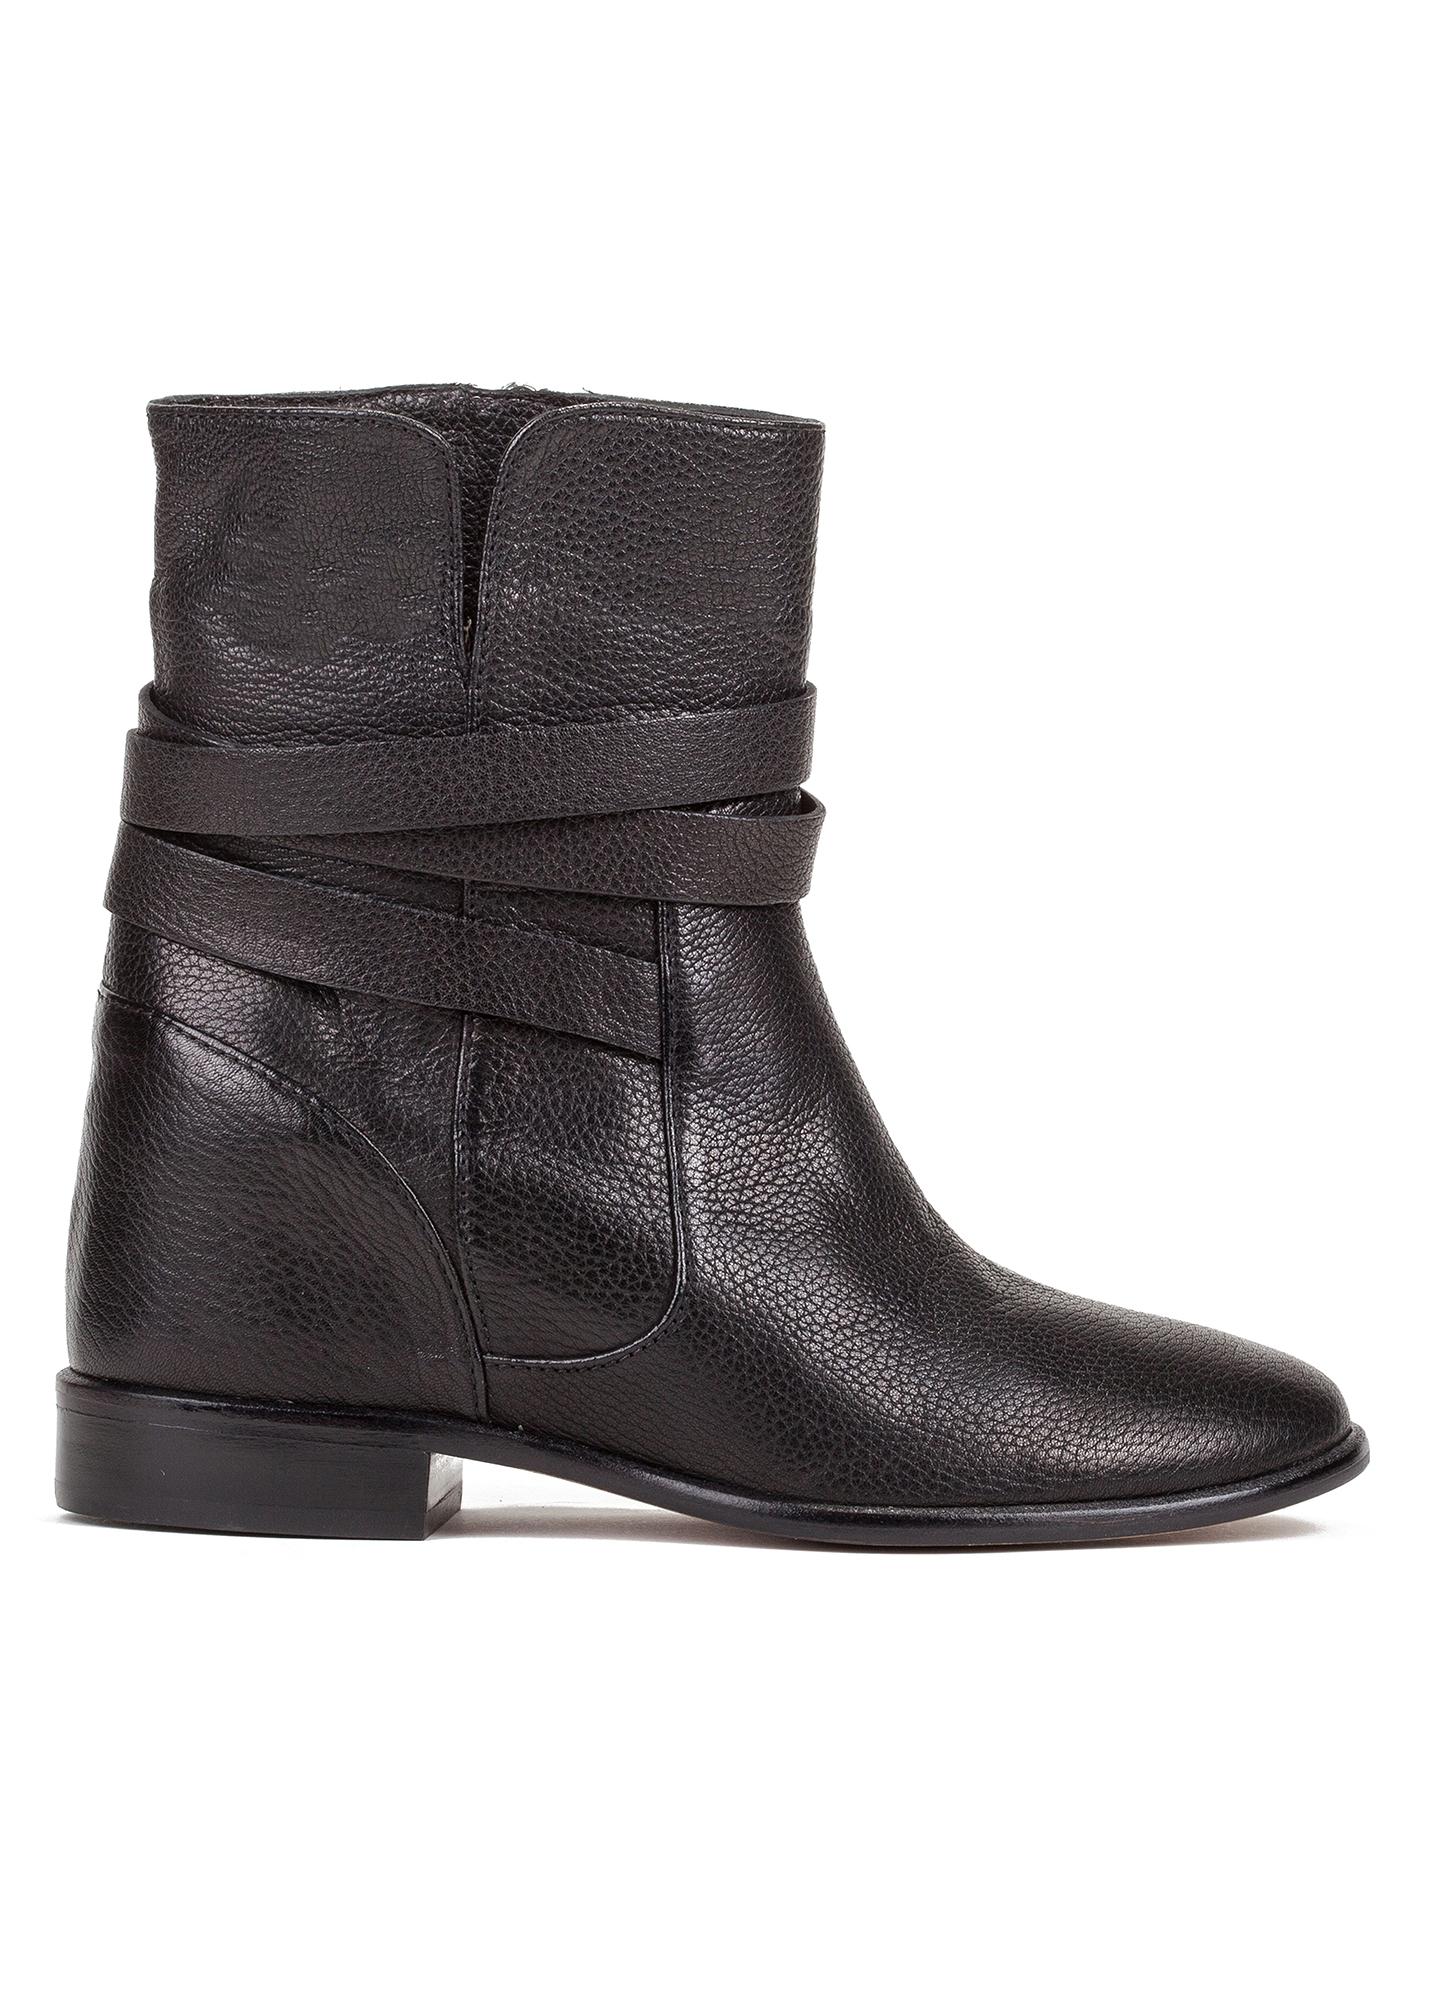 botines negros con cu a interior tienda de zapatos mujer